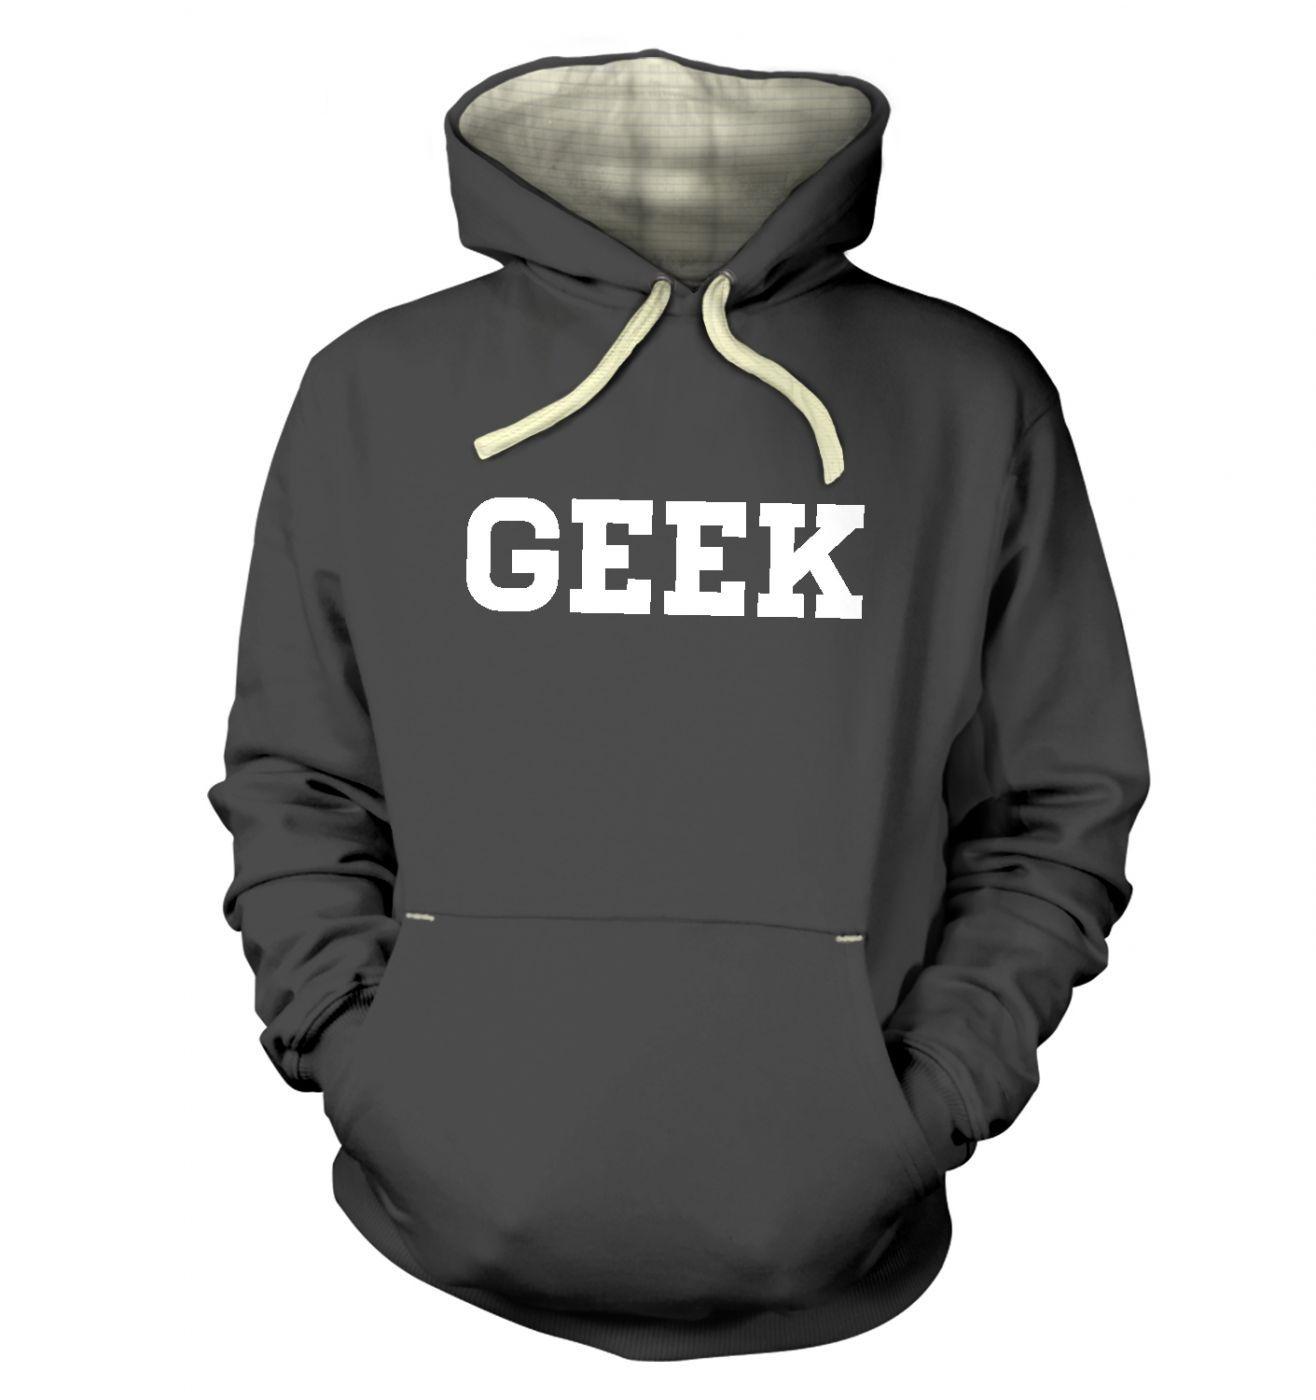 Geek hoodie (premium)